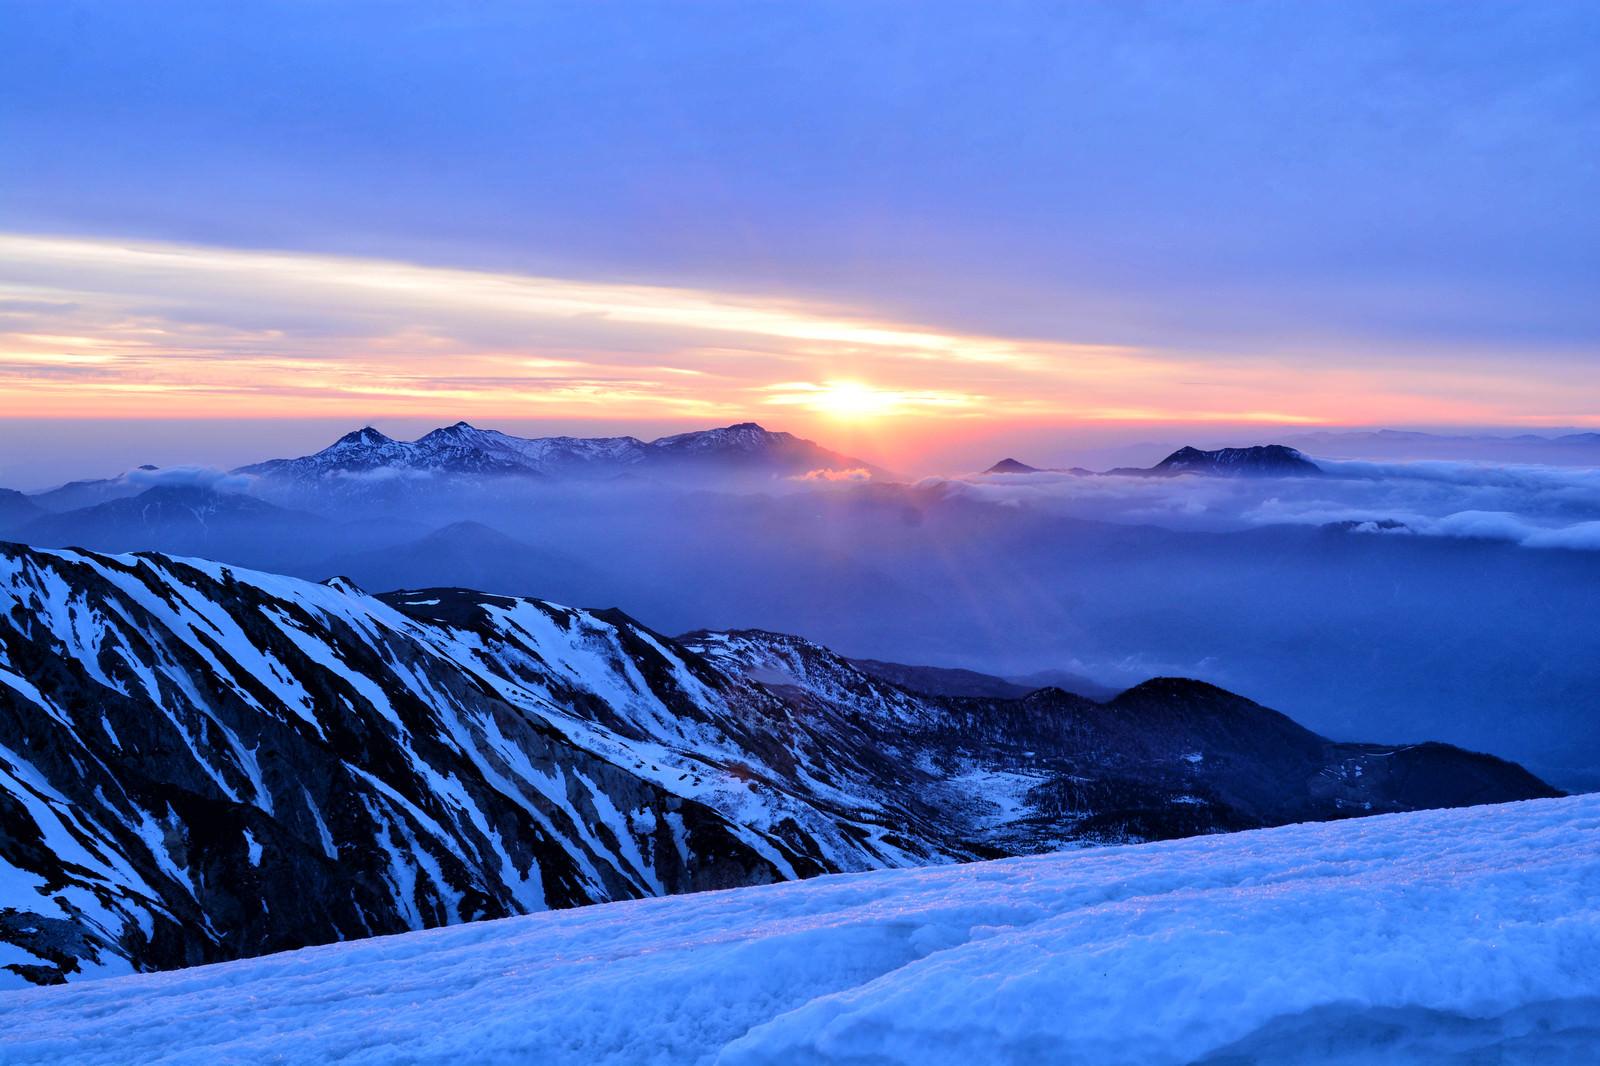 「雪山から拝む日の出」の写真